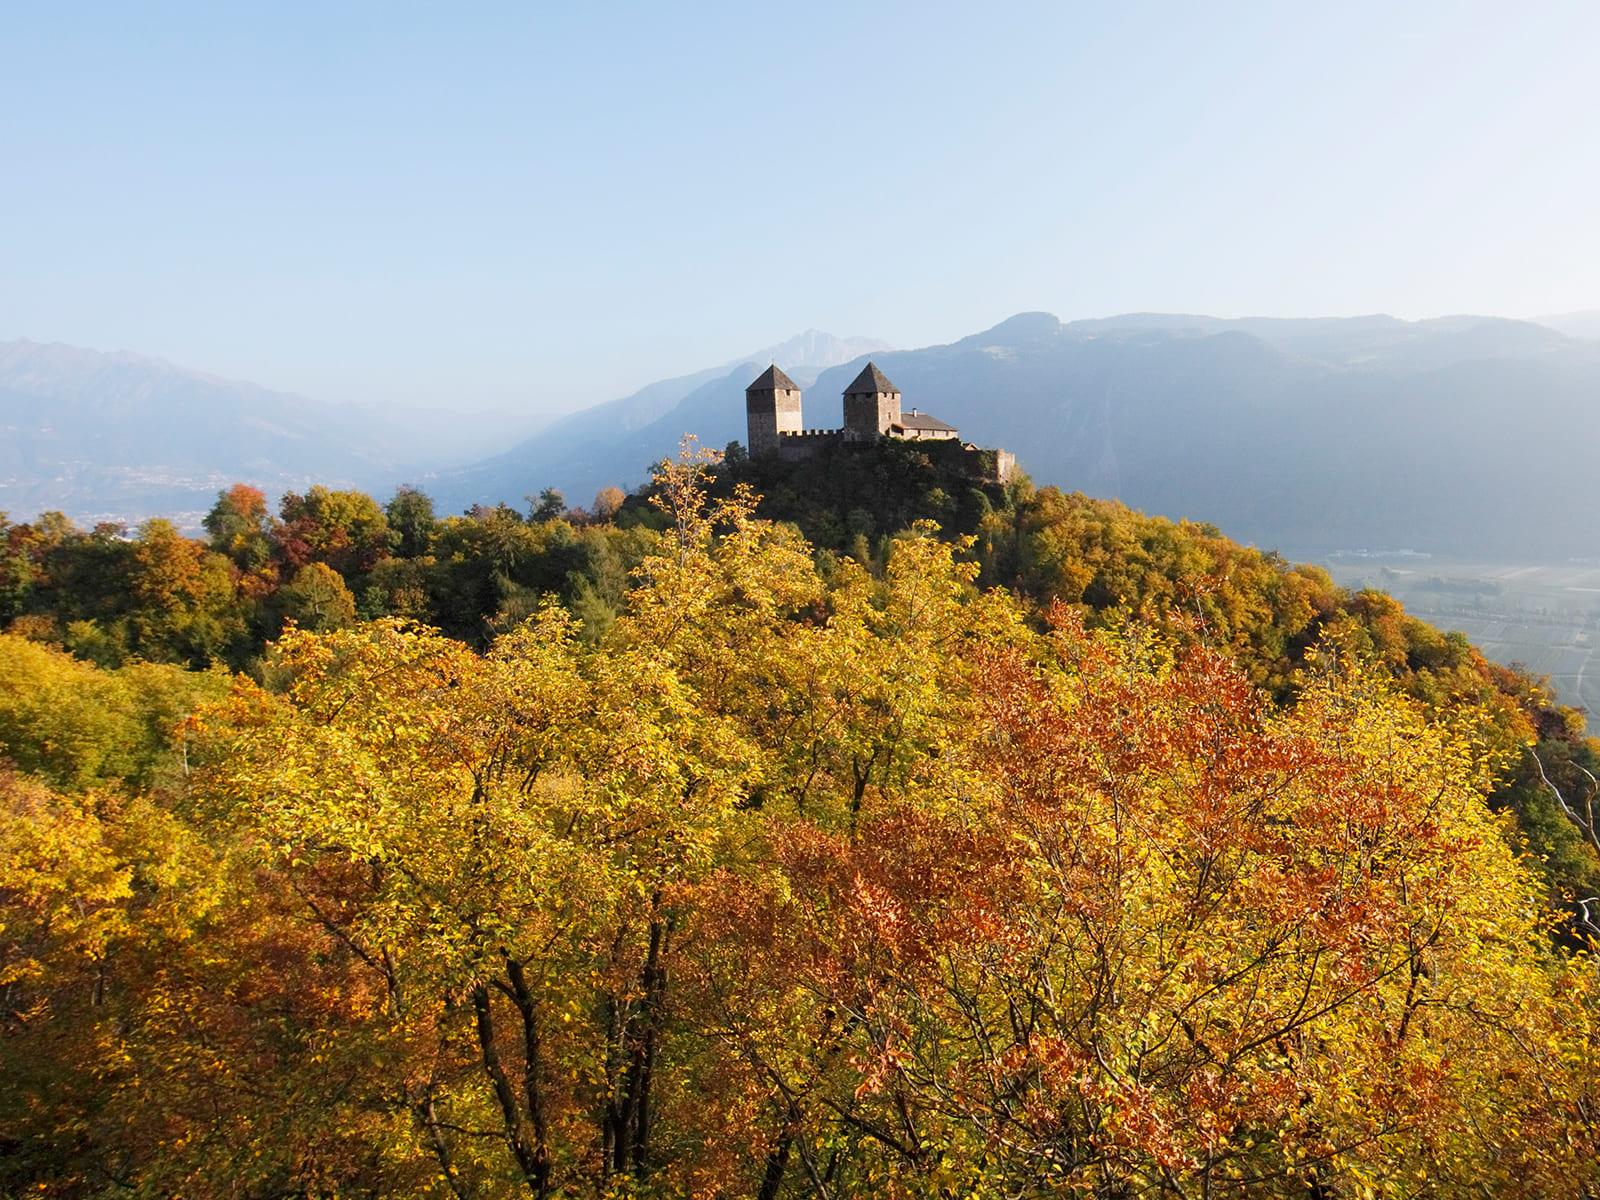 Burg bei herbstlicher Landschaft